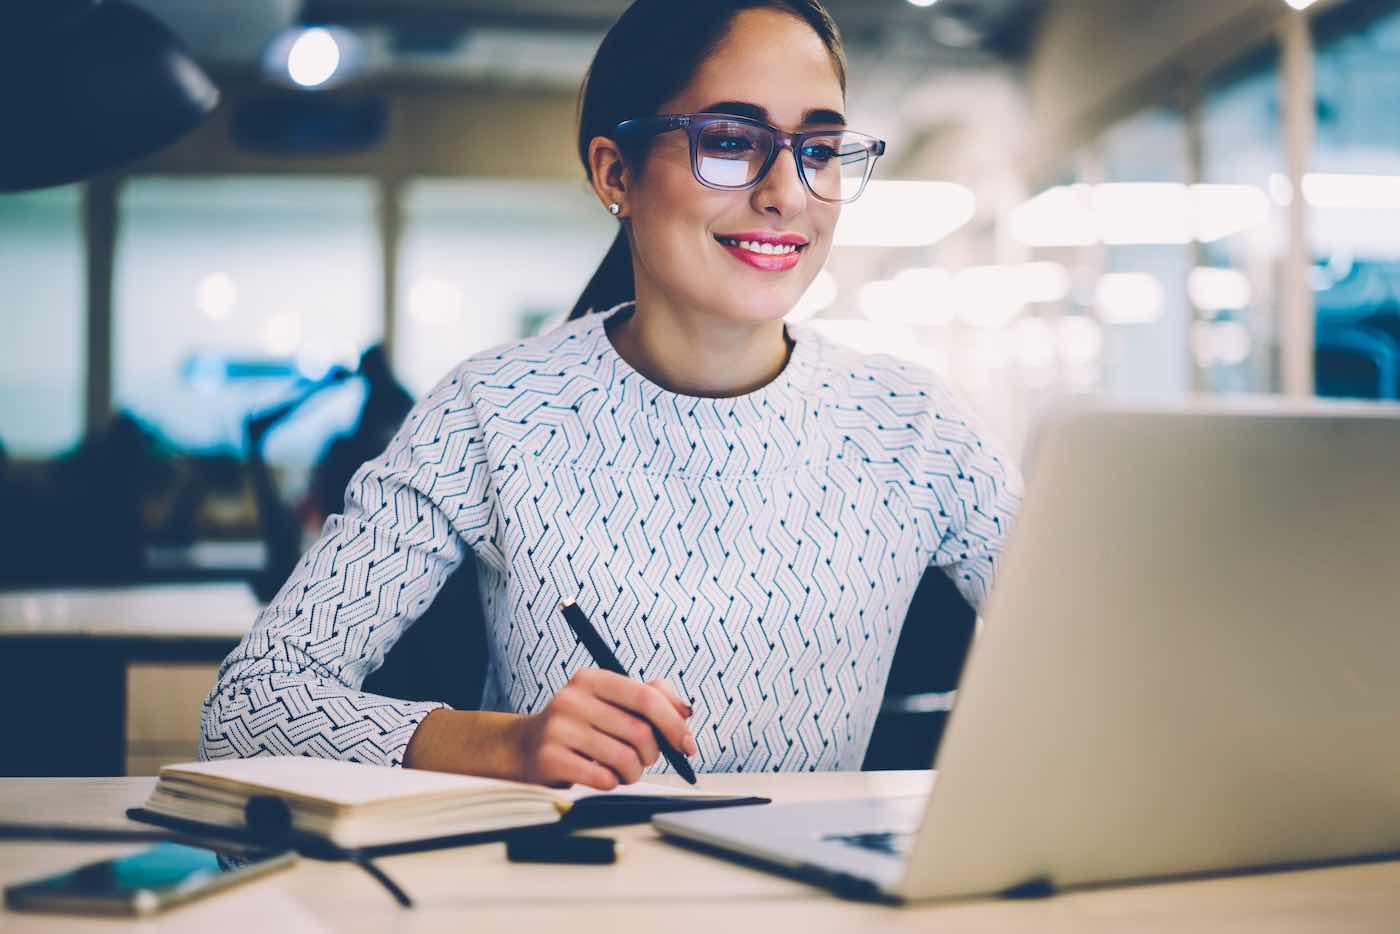 Cómo comenzar tu propia tienda online sin inventario; aprenda sobre Dropshipping